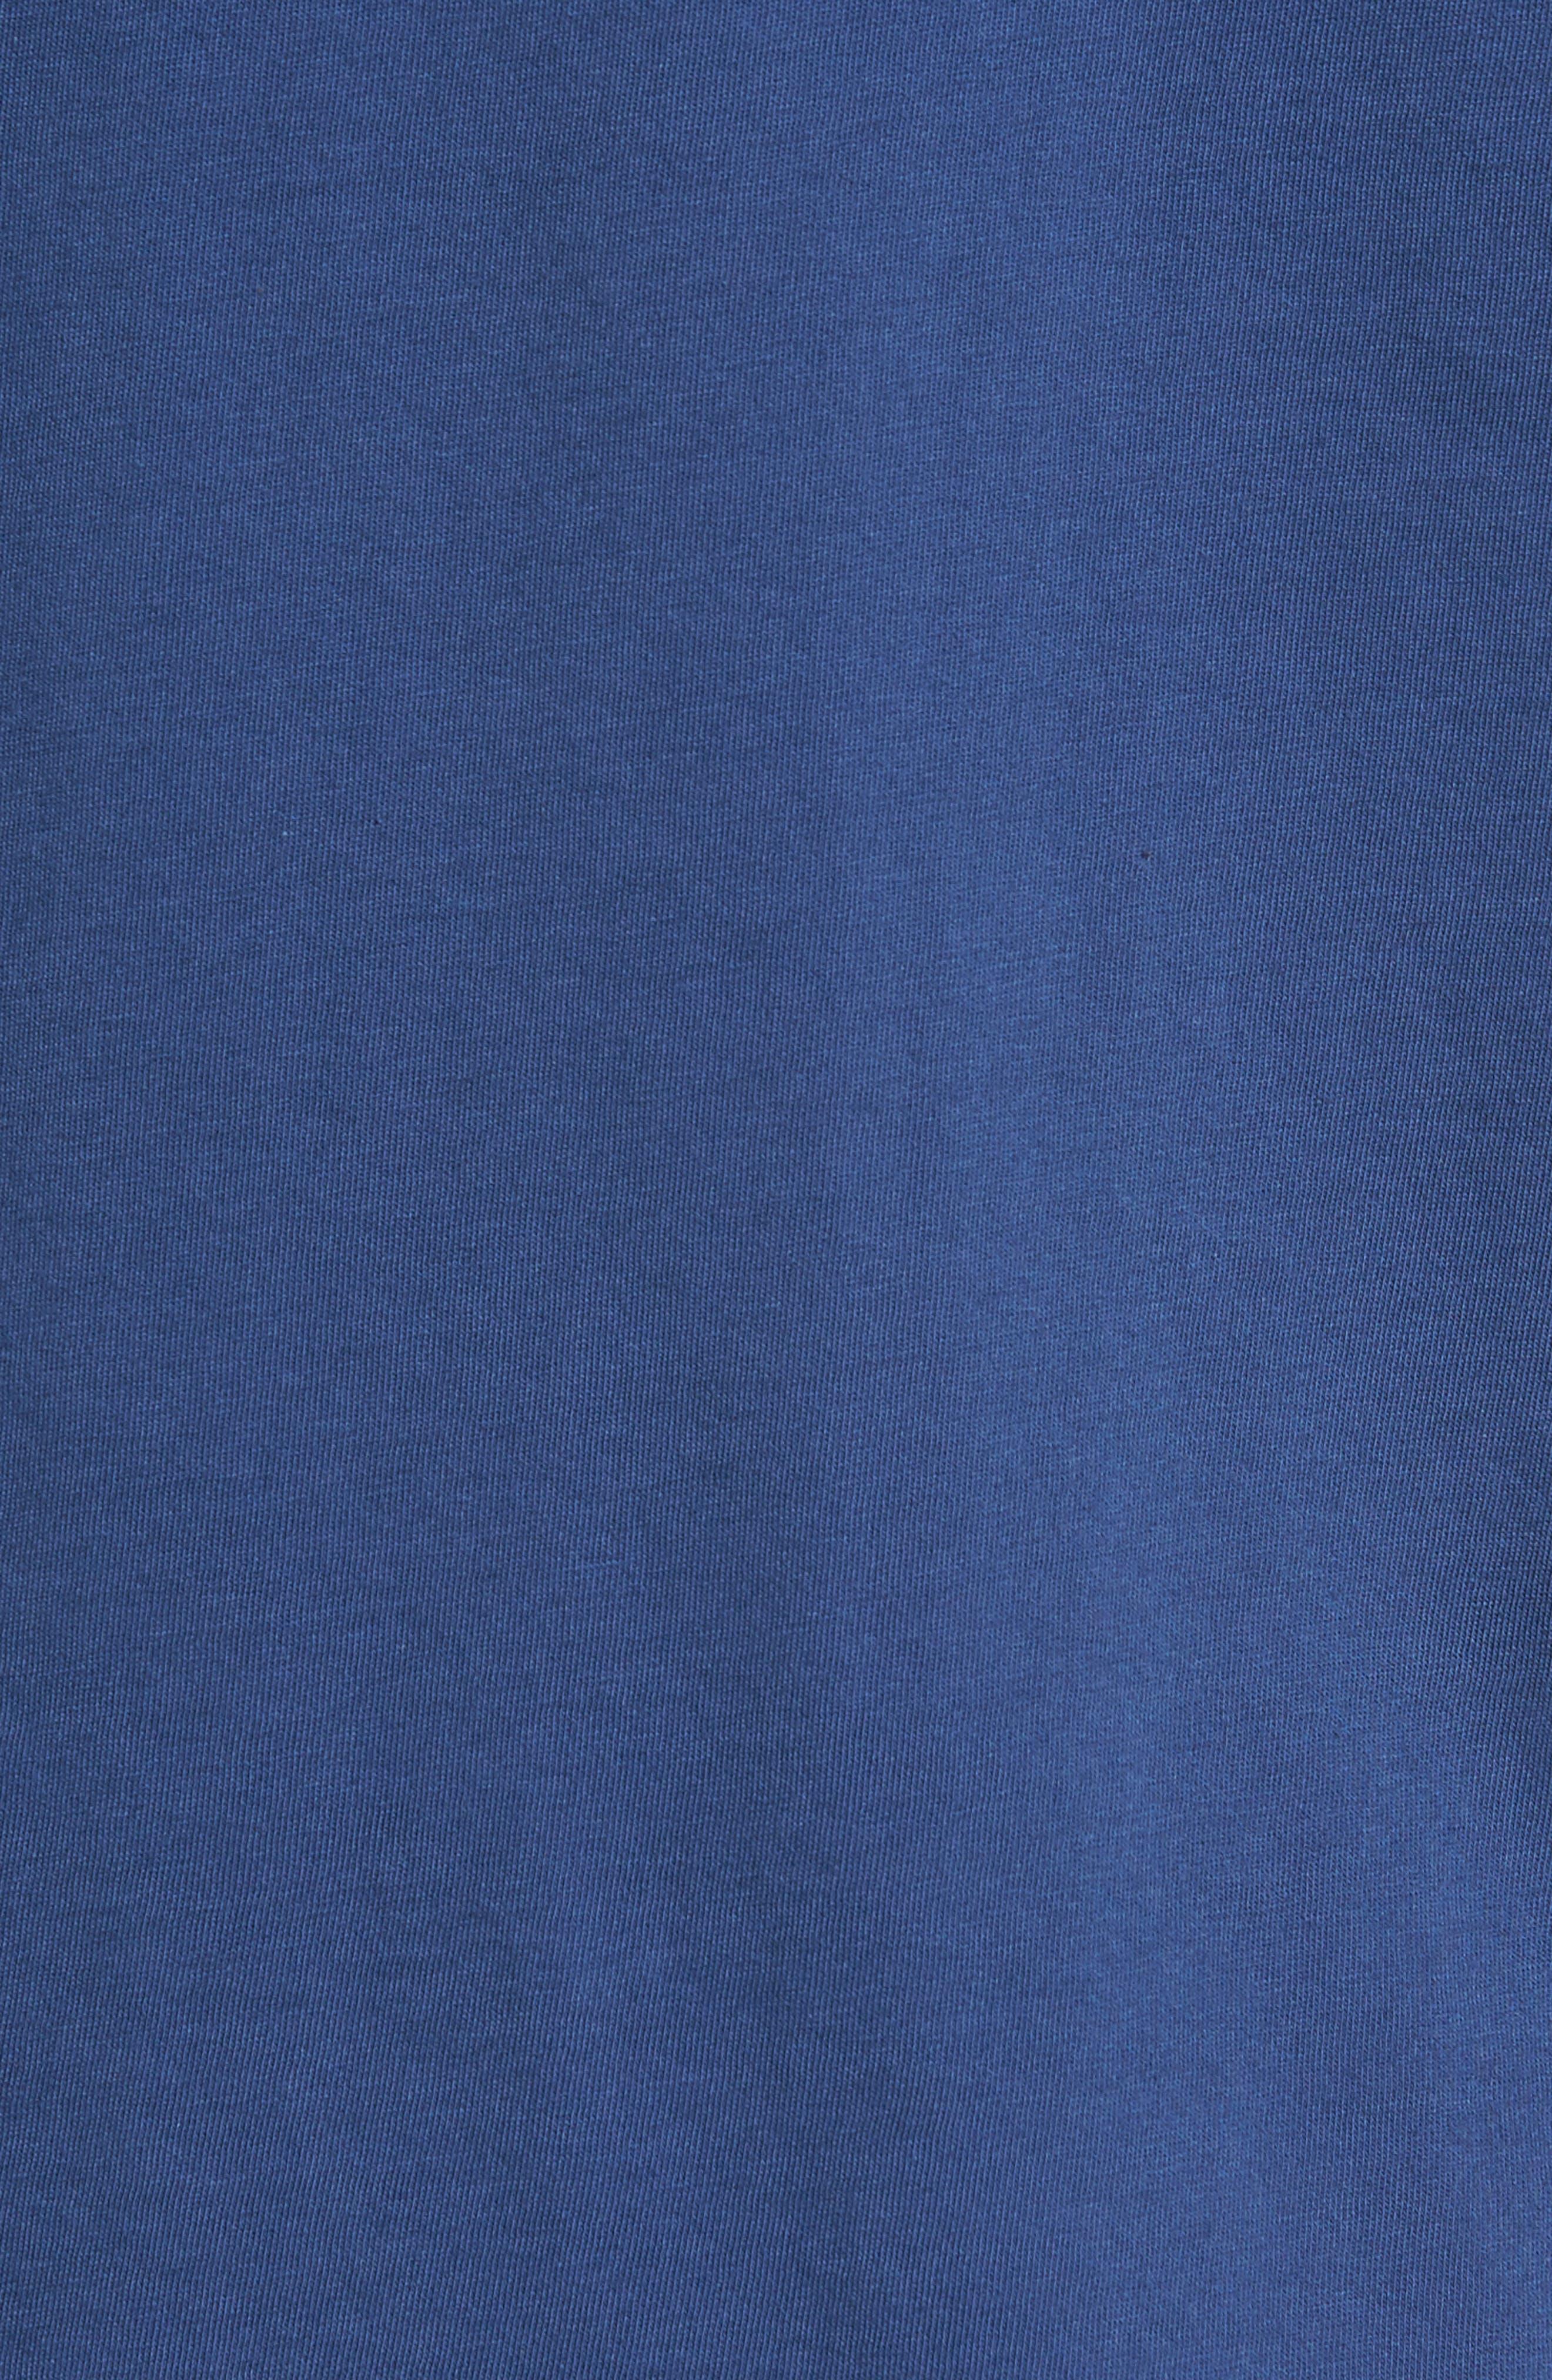 Alternate Image 5  - James Perse Crewneck Jersey T-Shirt